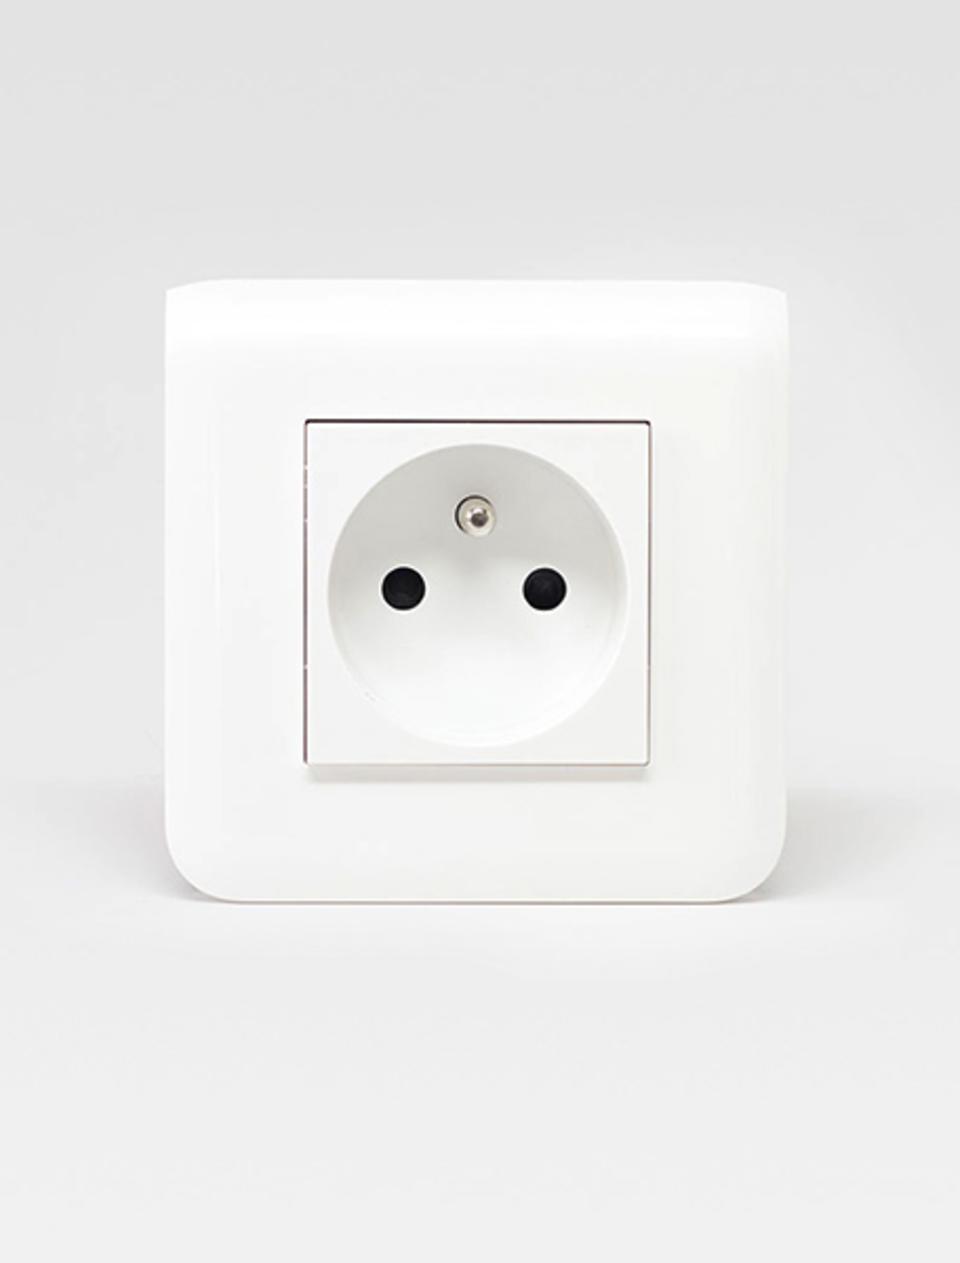 Les Gammes D Interrupteurs Et Prises électriques Espace